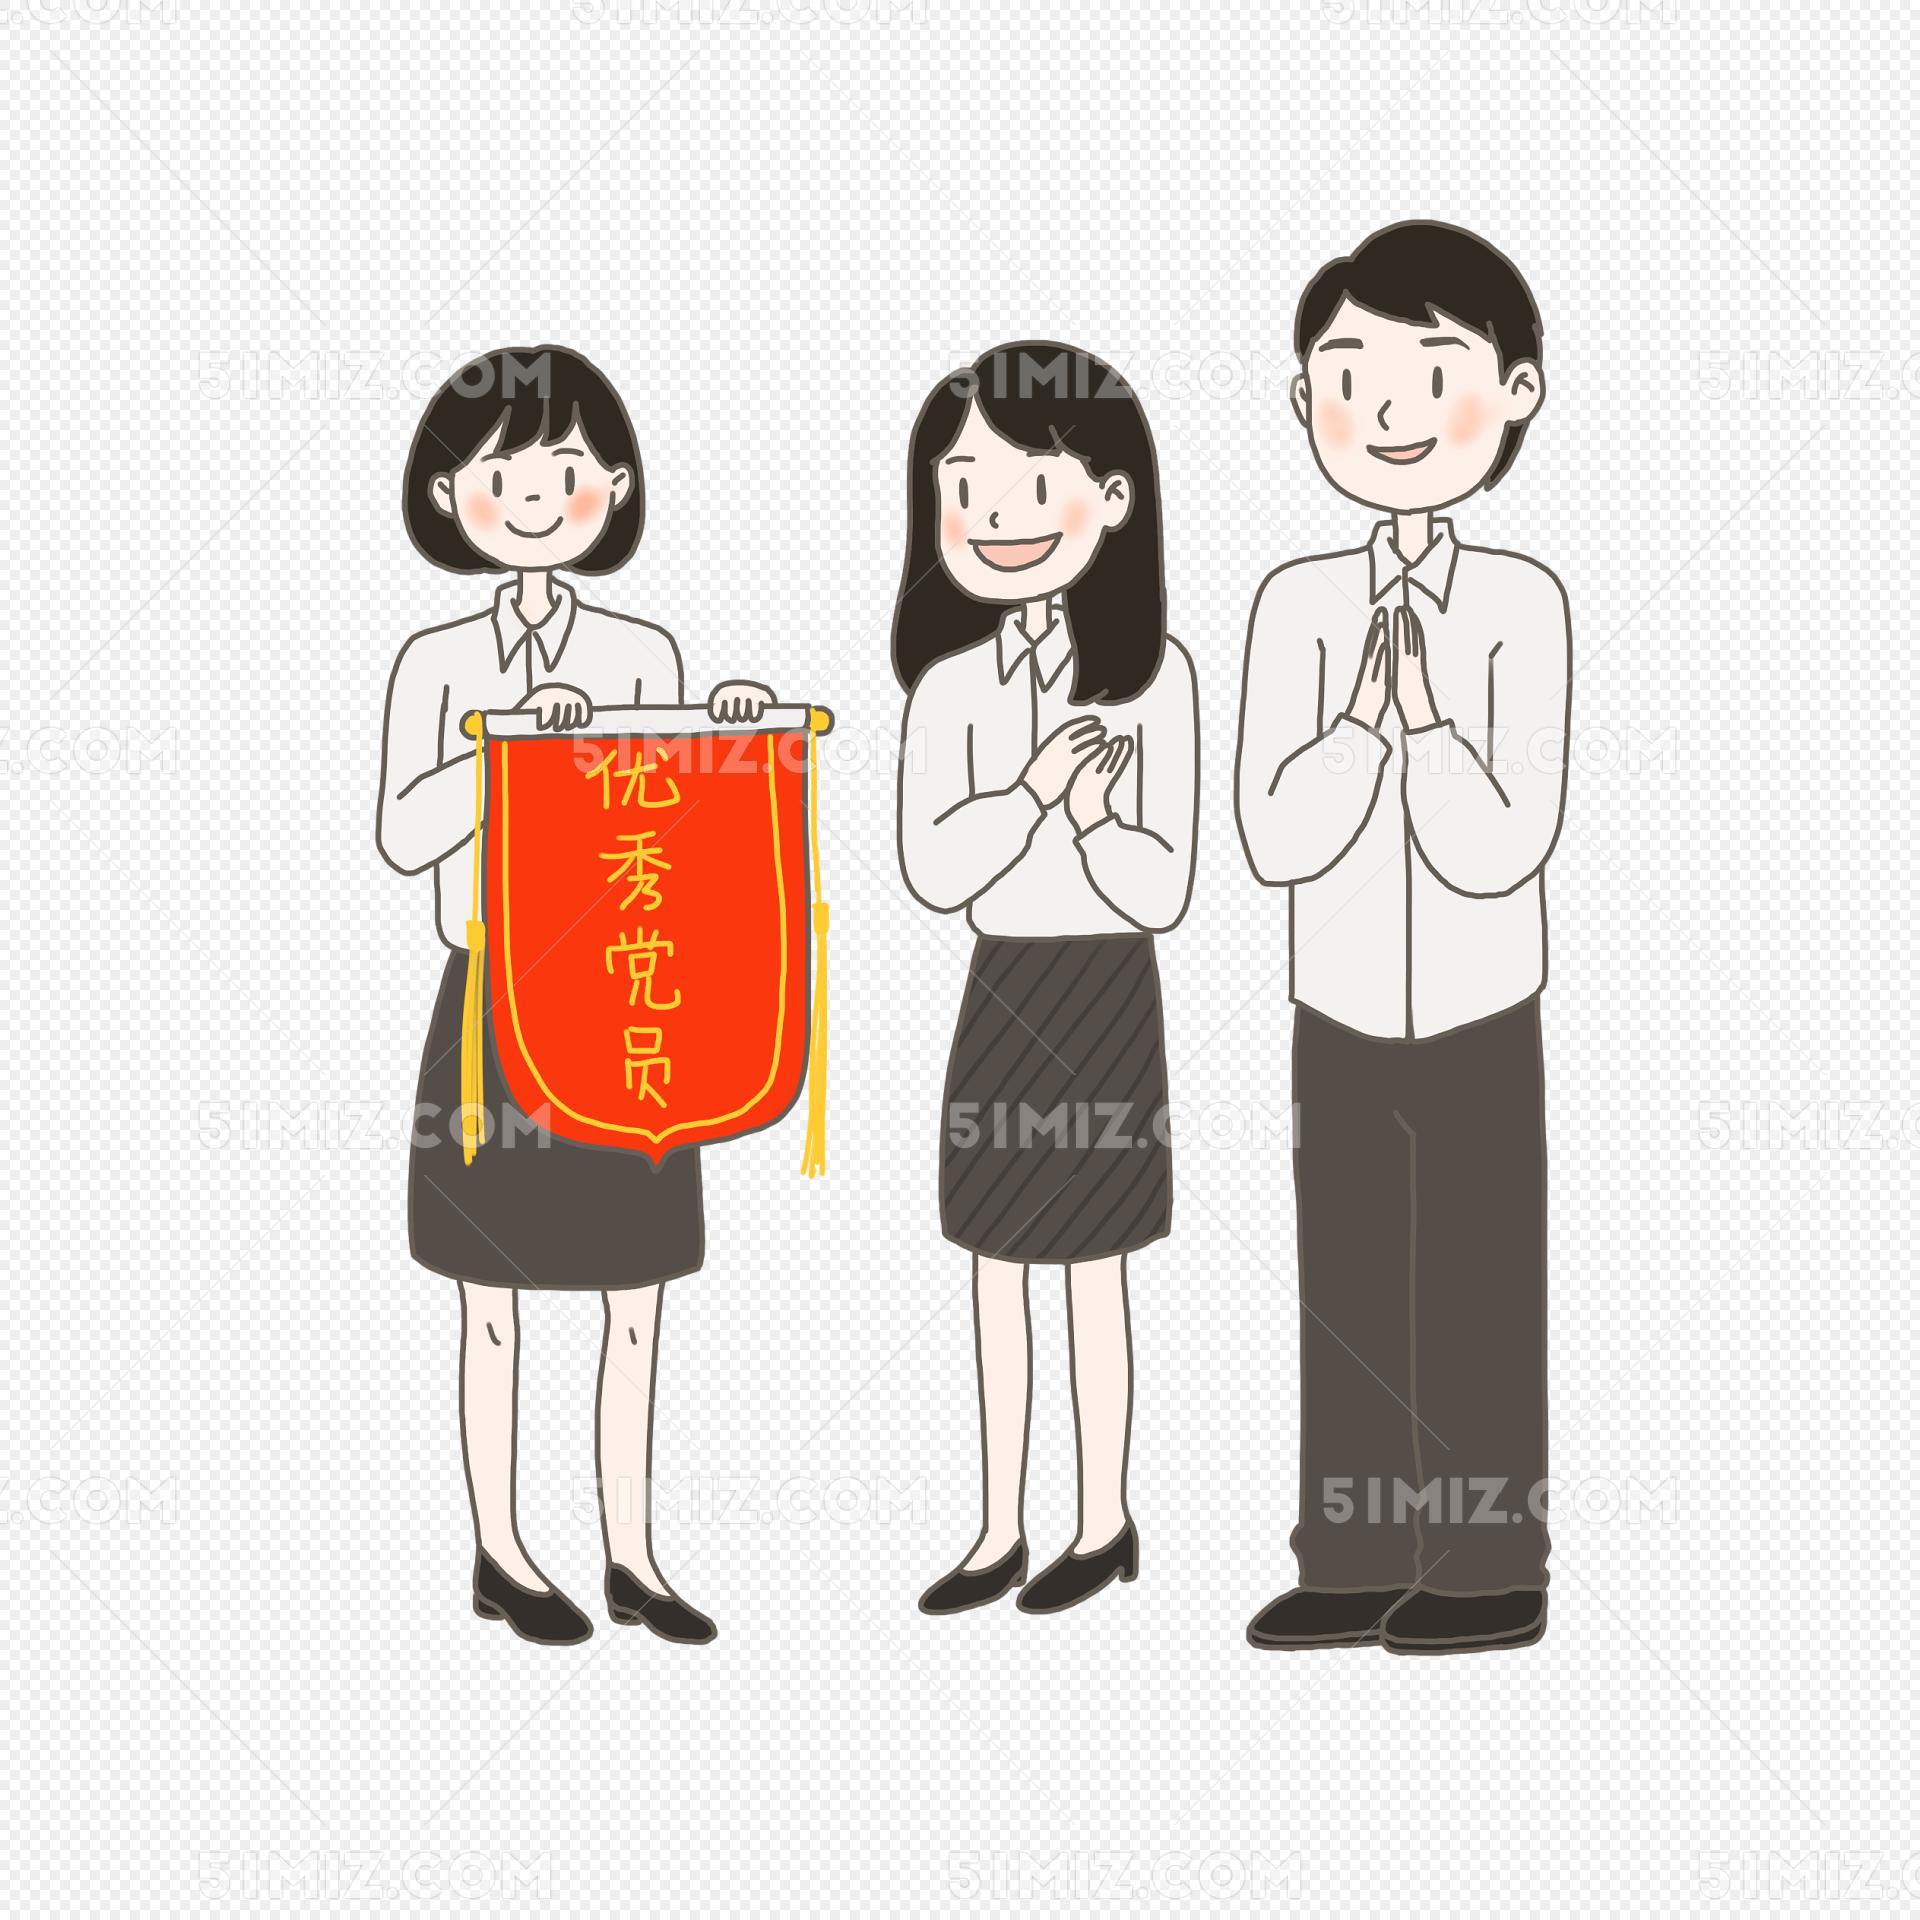 党员宣誓手绘插画优秀党员锦旗免